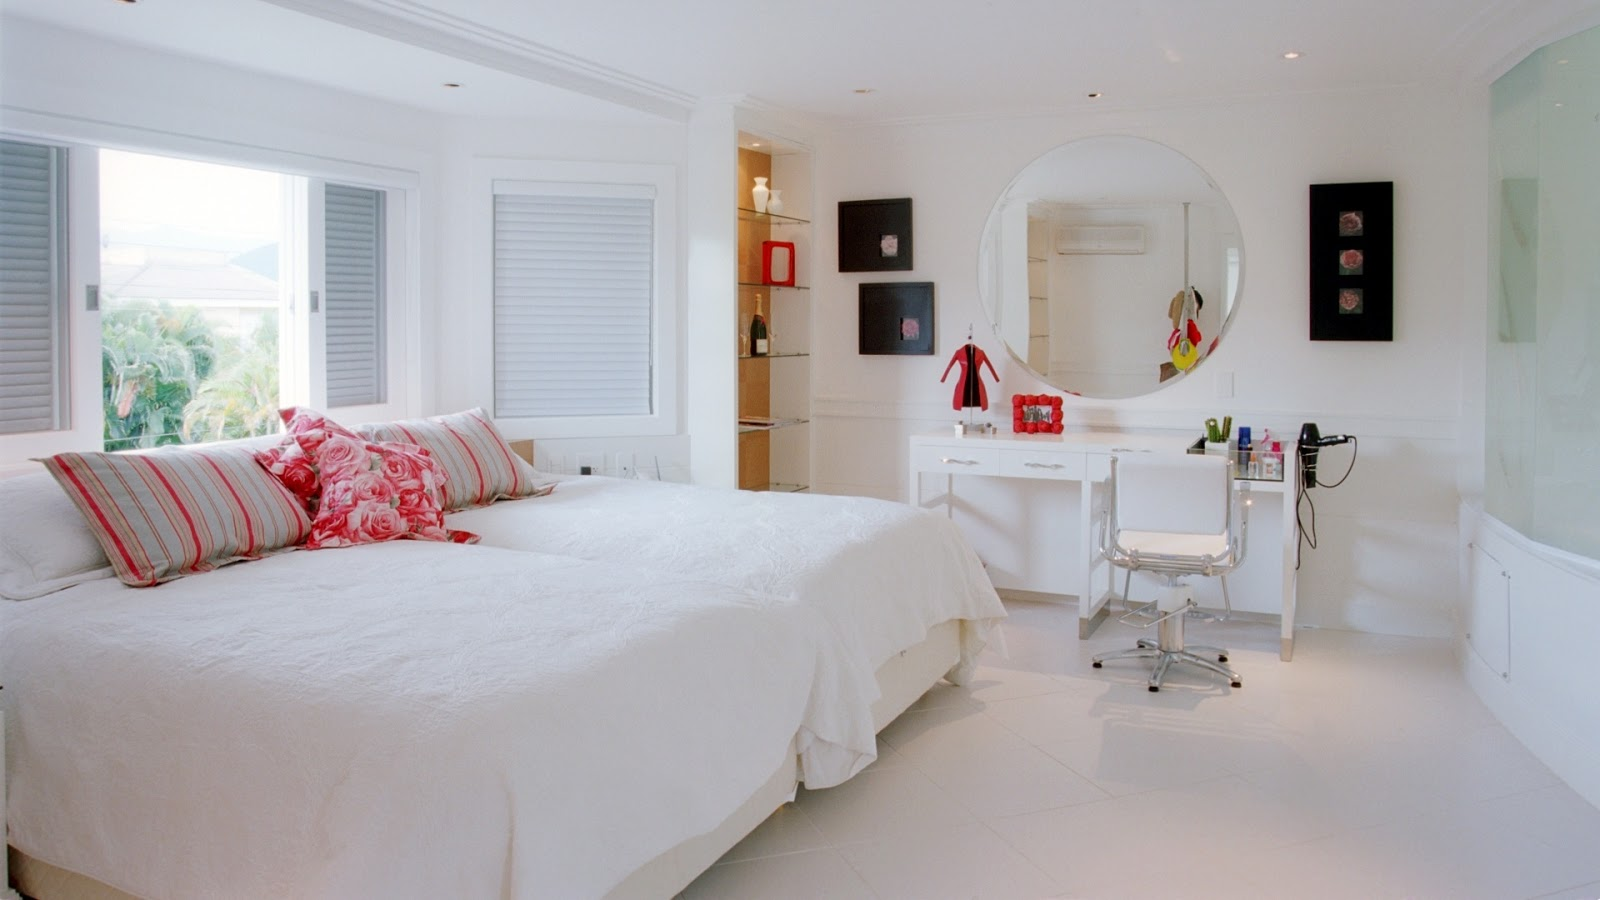 nesta suite de uma casa de praia a arquiteta joia bergamo evitou  #84382F 1600 900